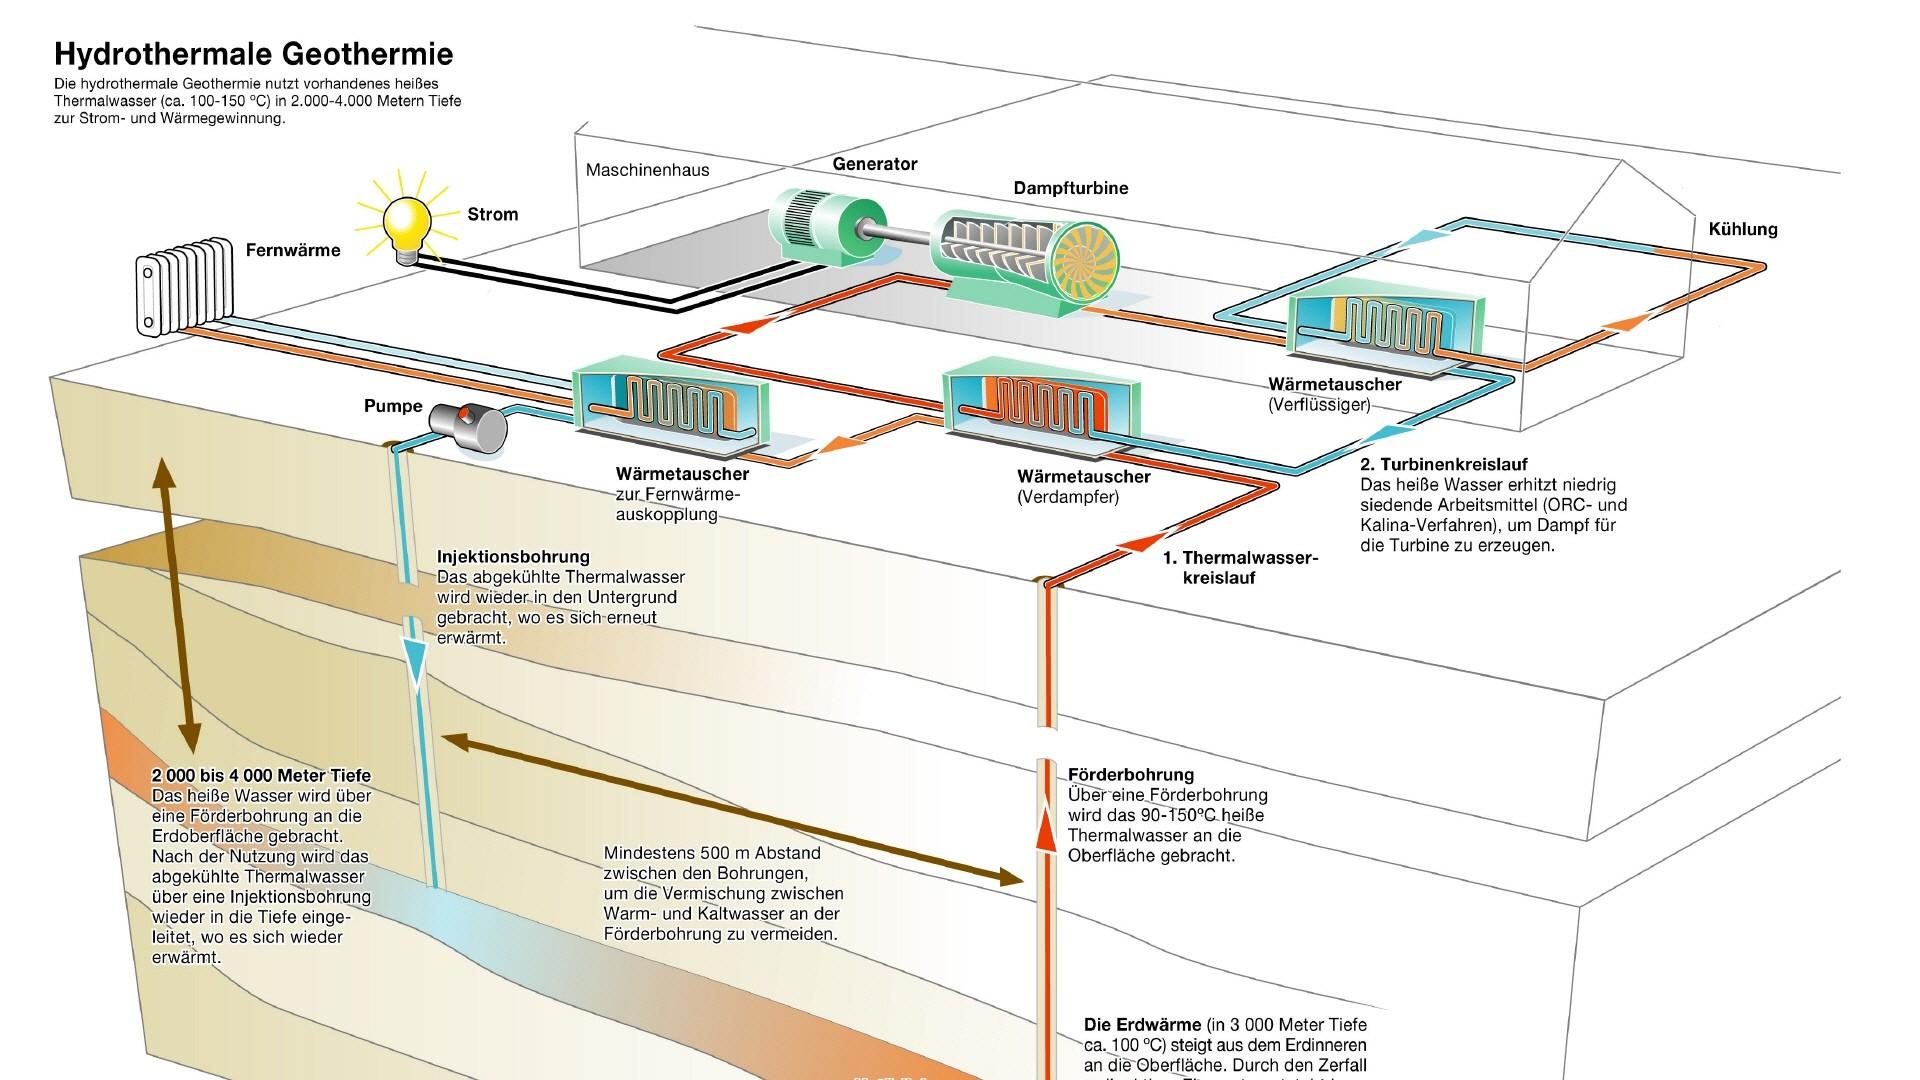 Bild zur Hydrothermalen Geothermie